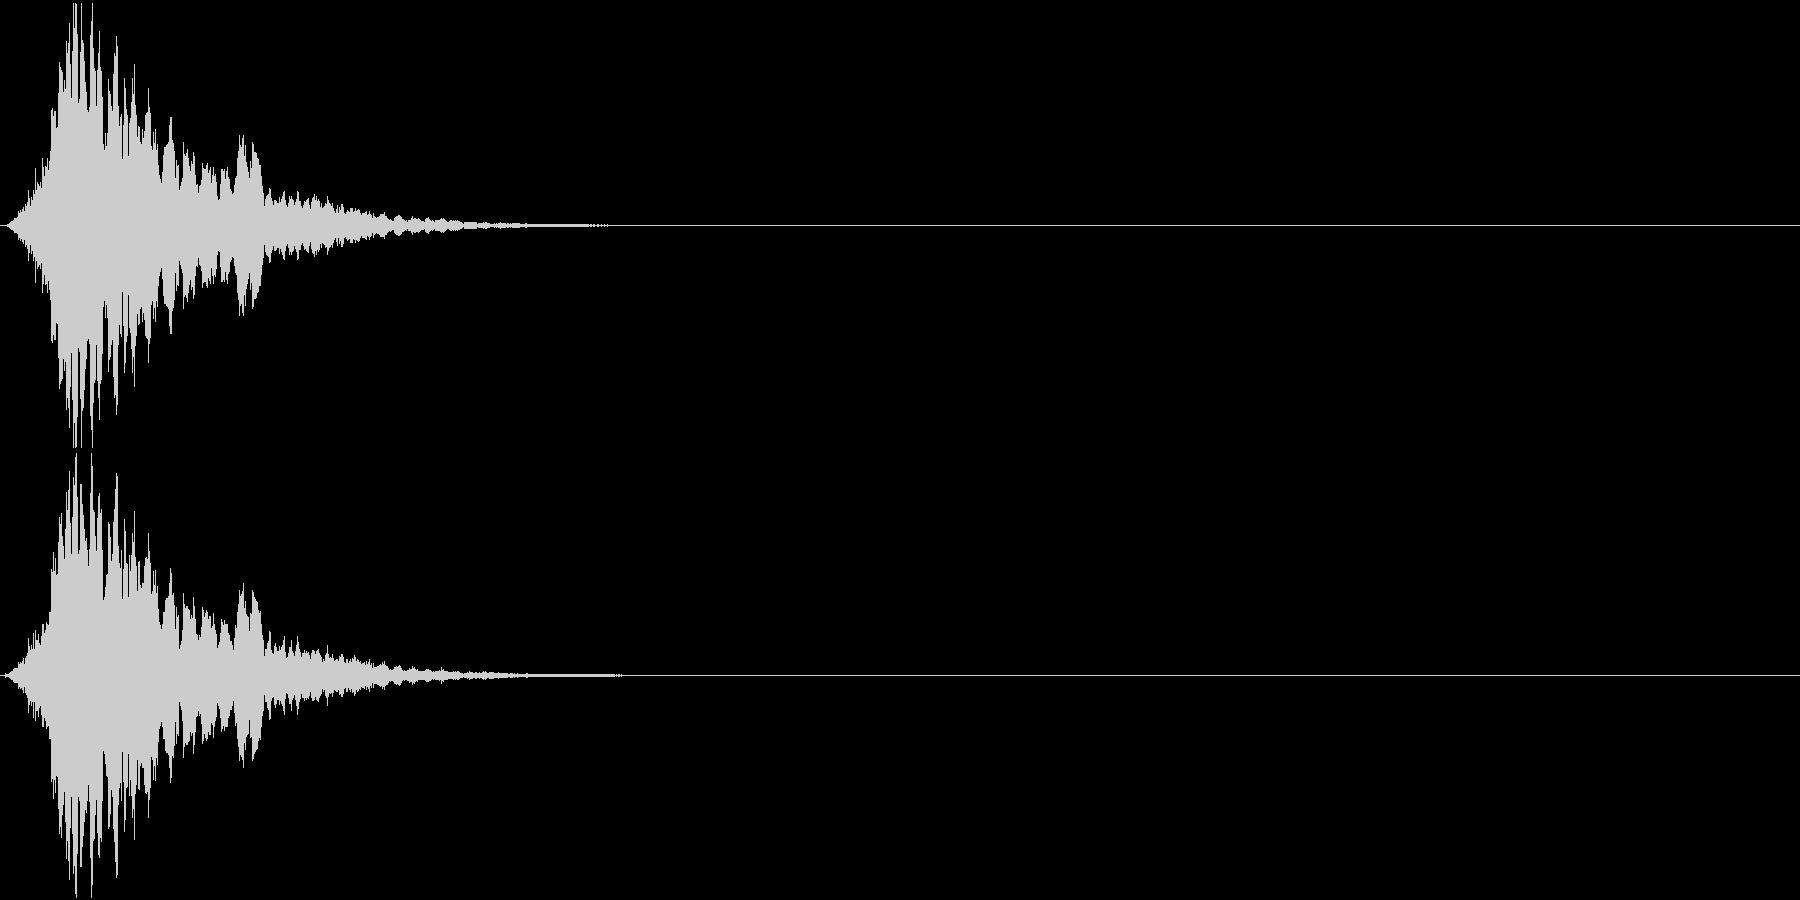 キーン(機械 ワープ 操作 SF風)の未再生の波形